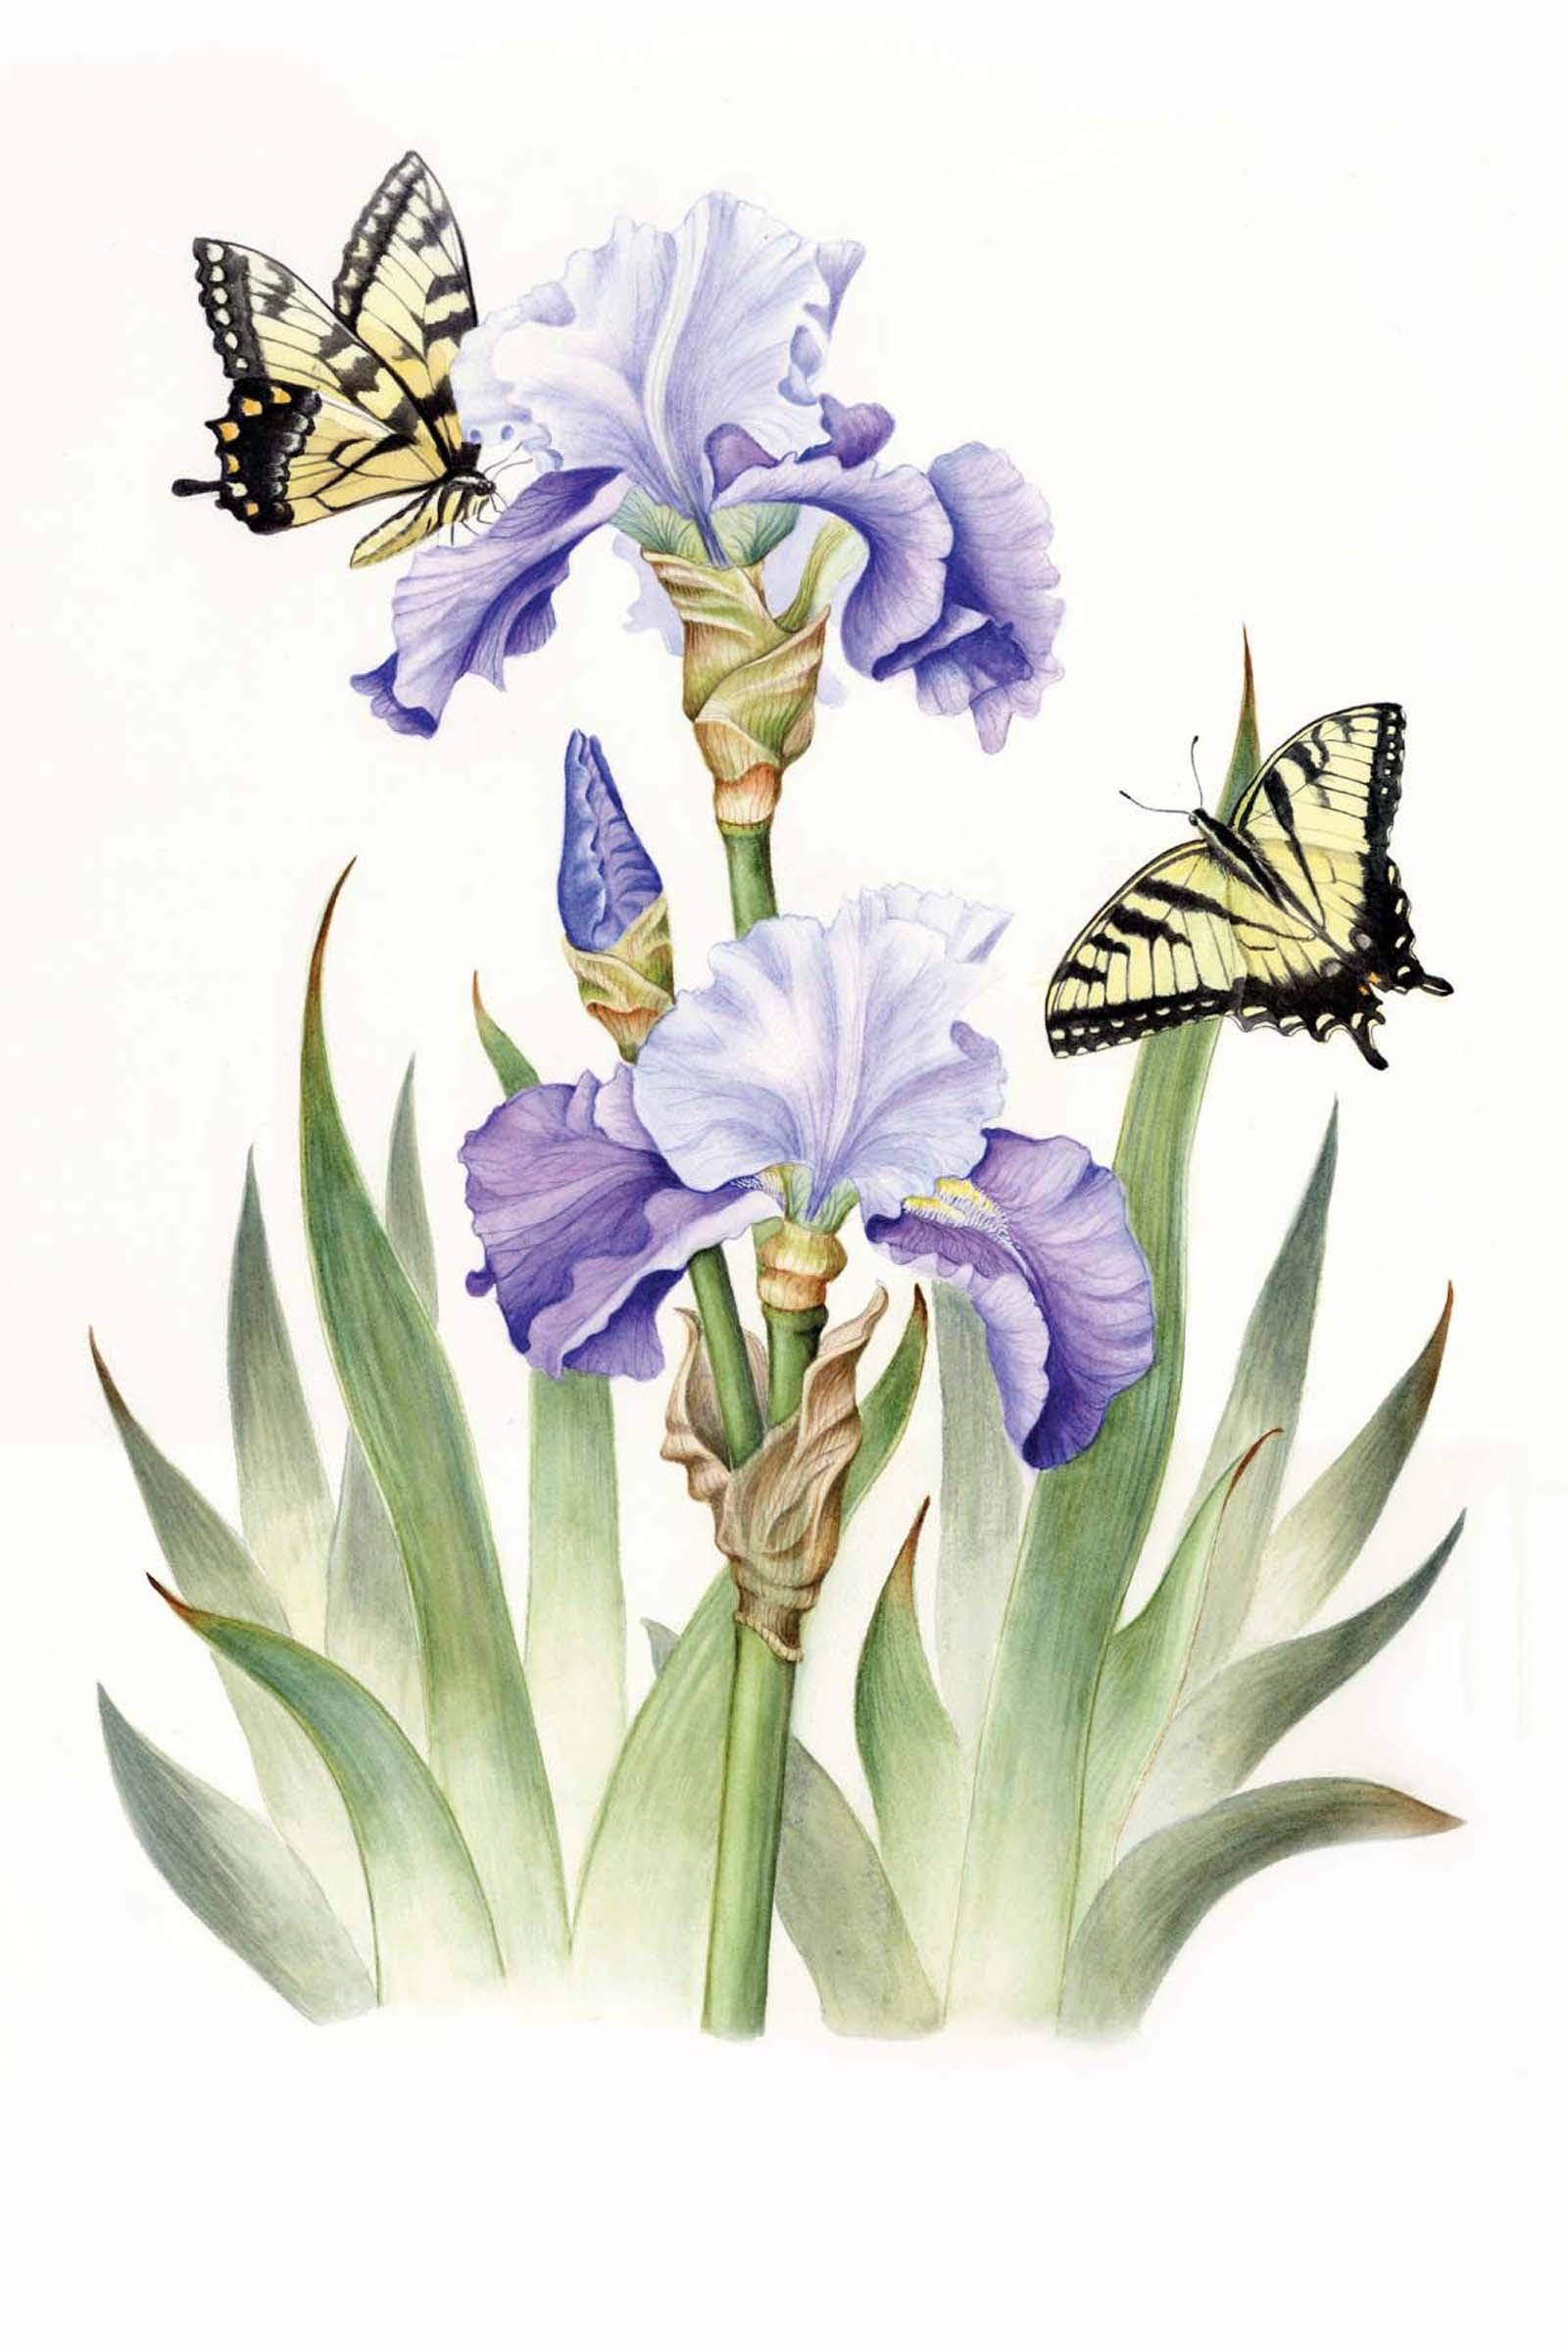 de95606e561b30a8619e_Iris_and_Swallowtail.jpg